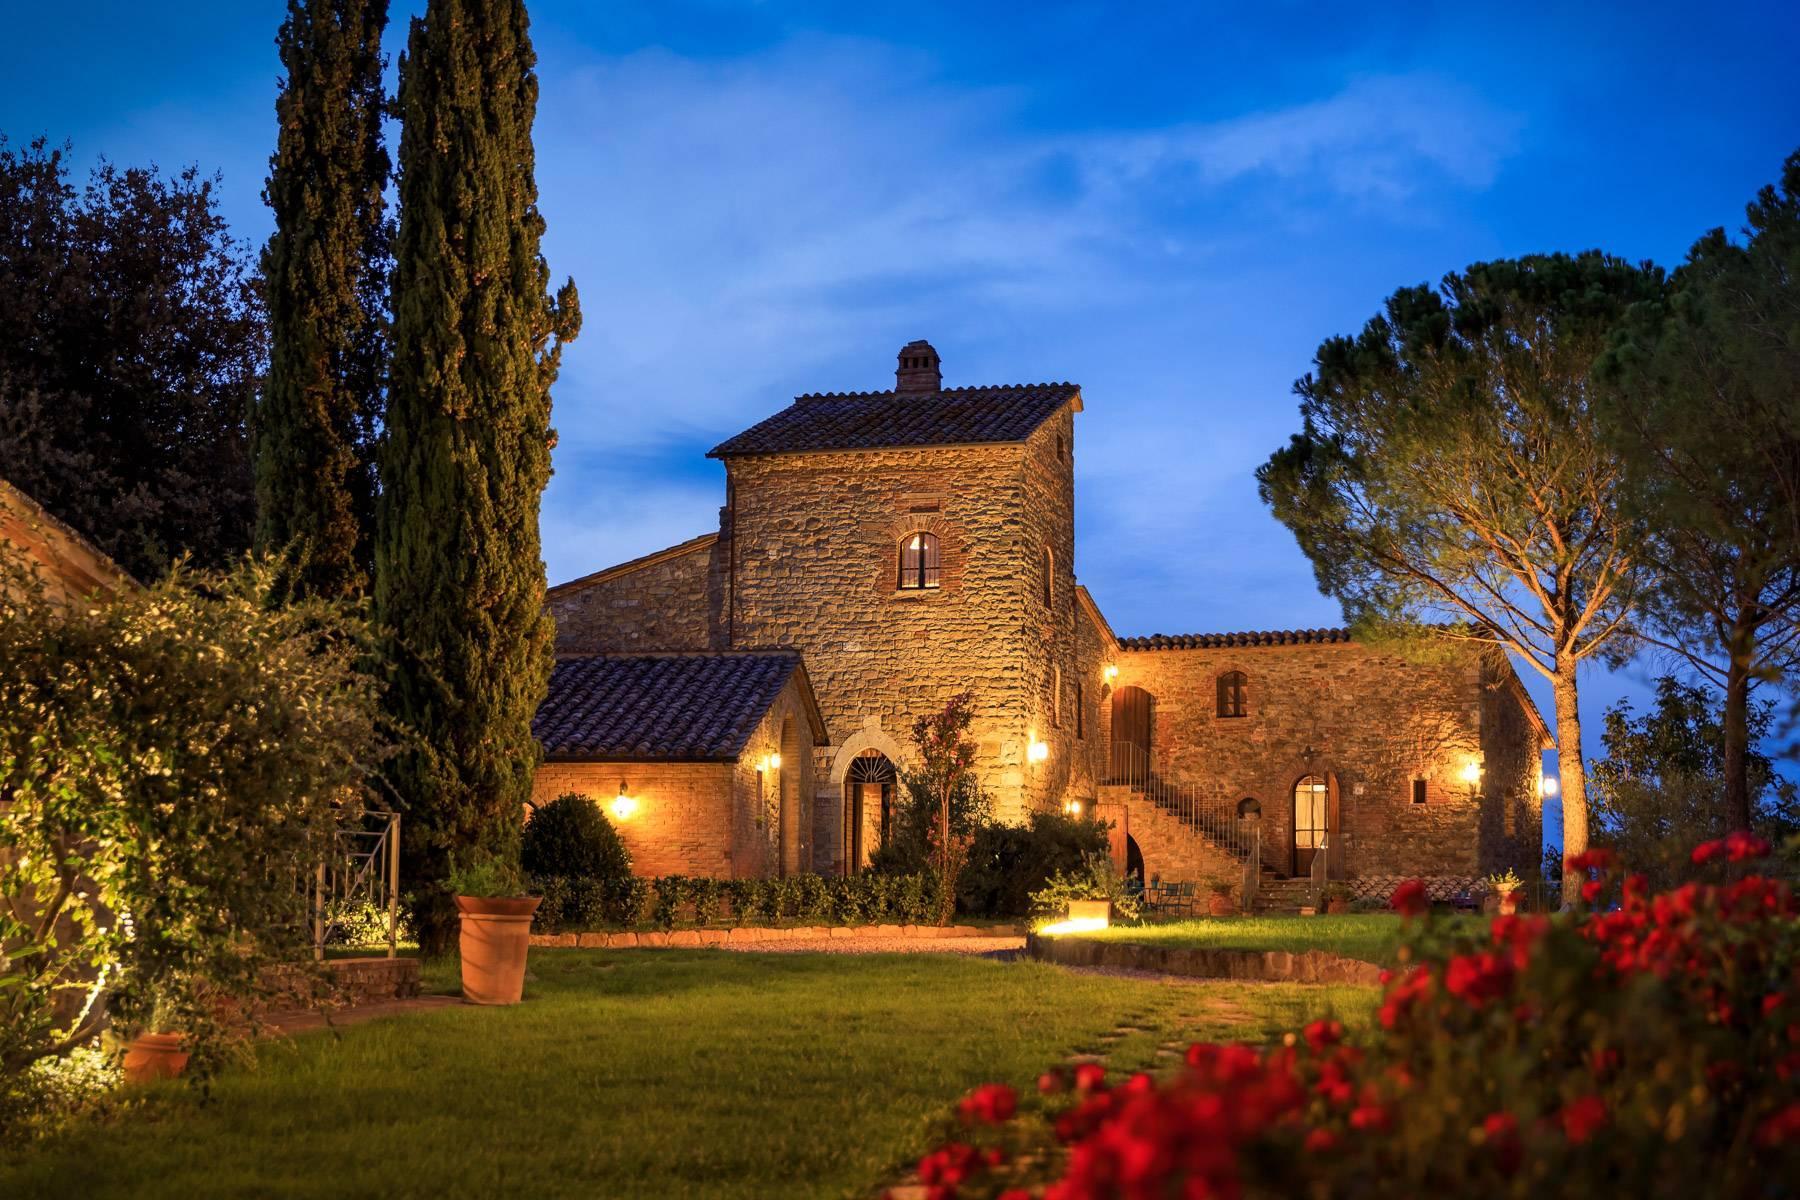 Magnifique château au coeur de l'Ombrie - 6